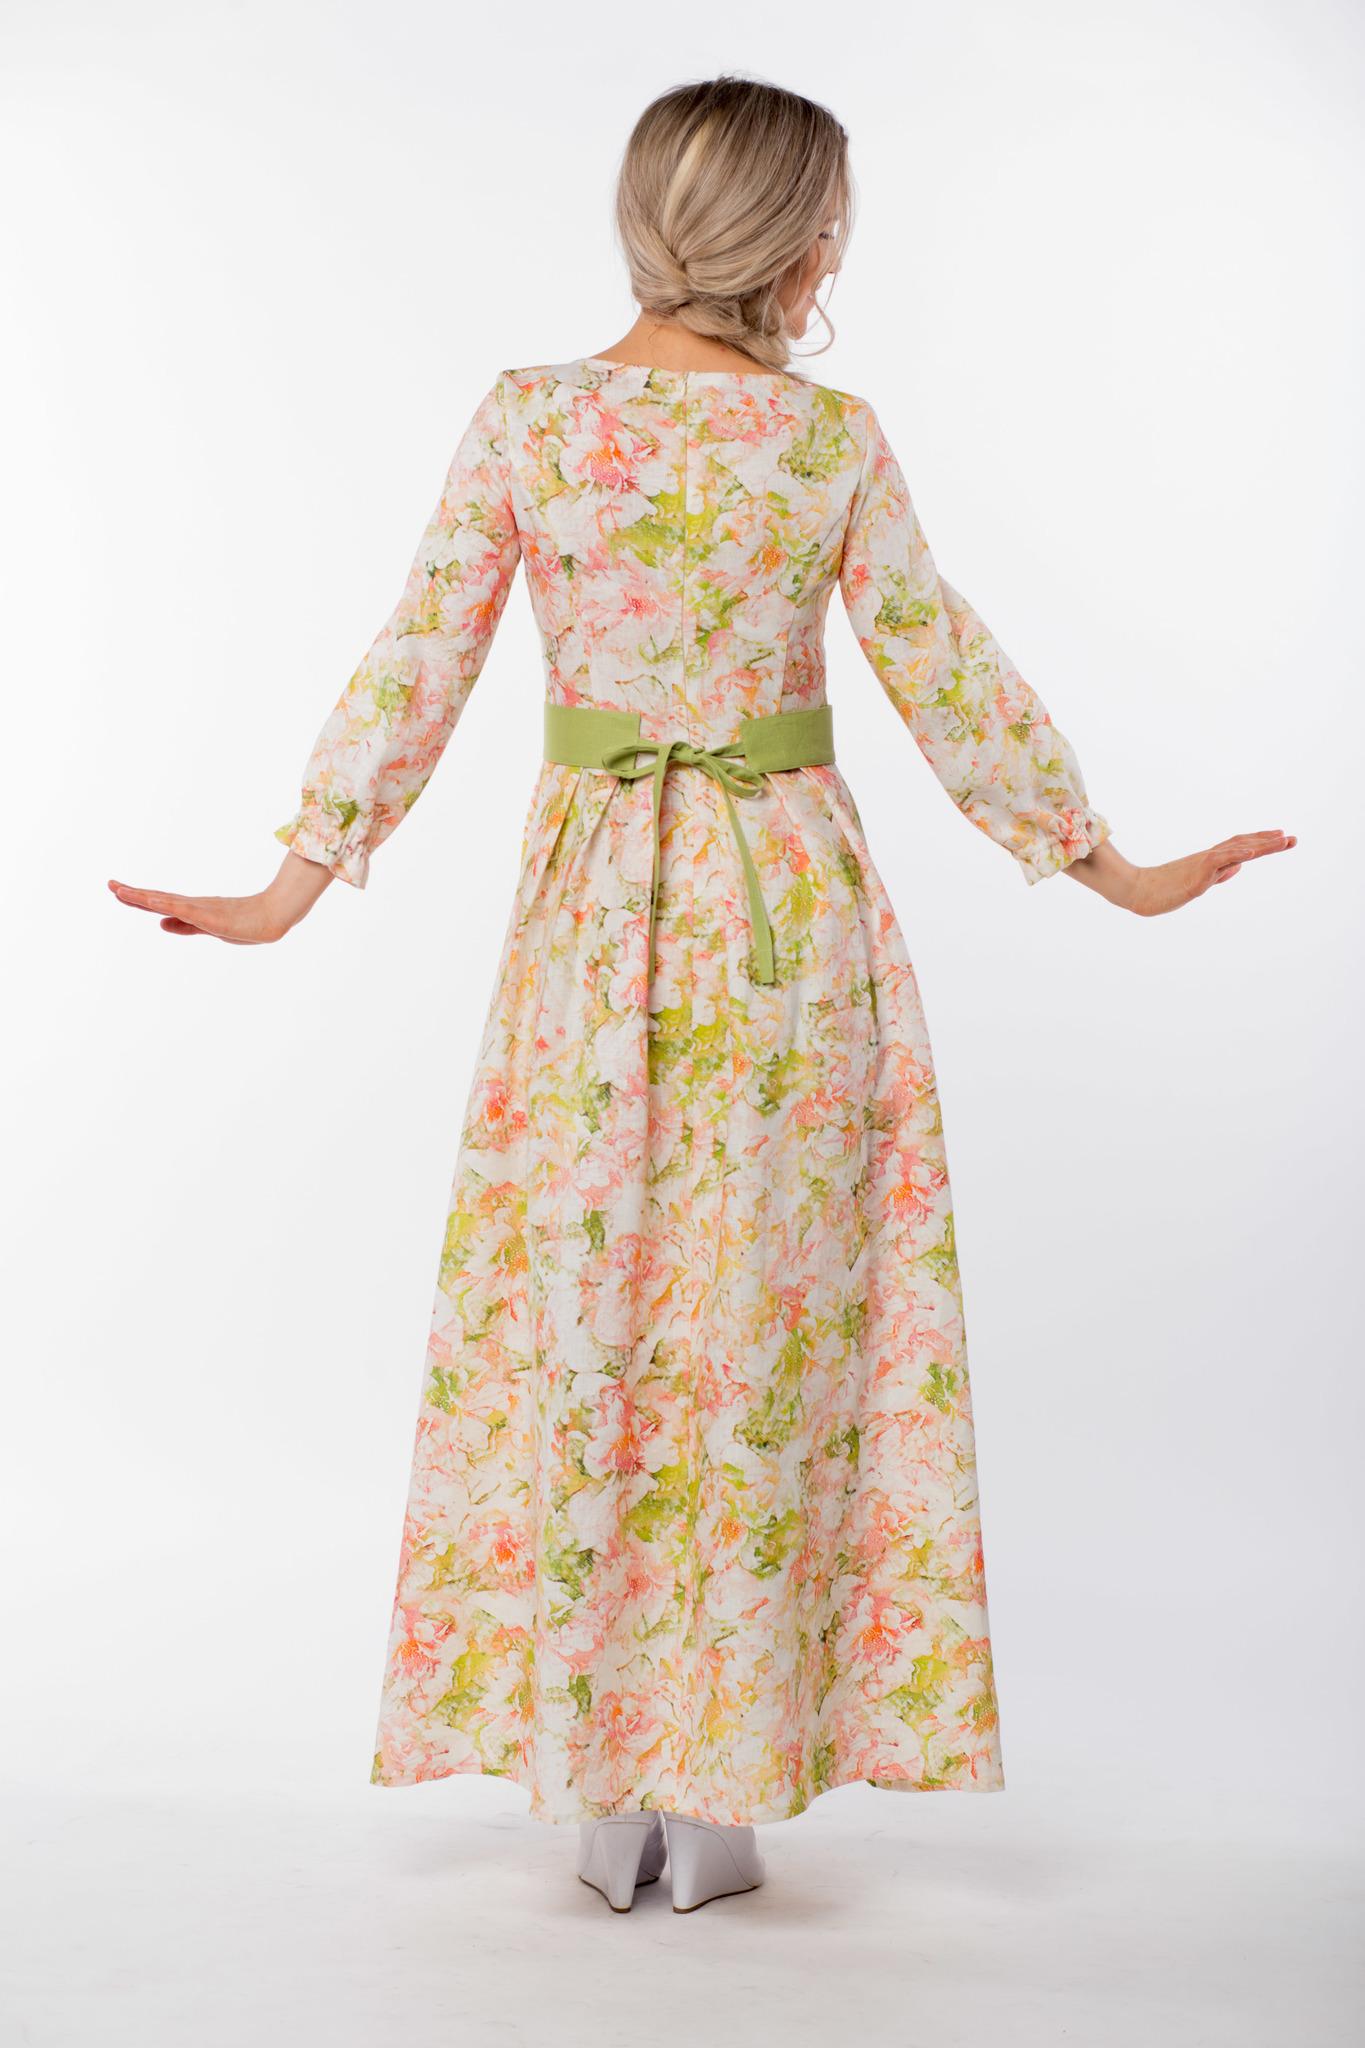 Платье льняное Цветущий шиповник вид сзади